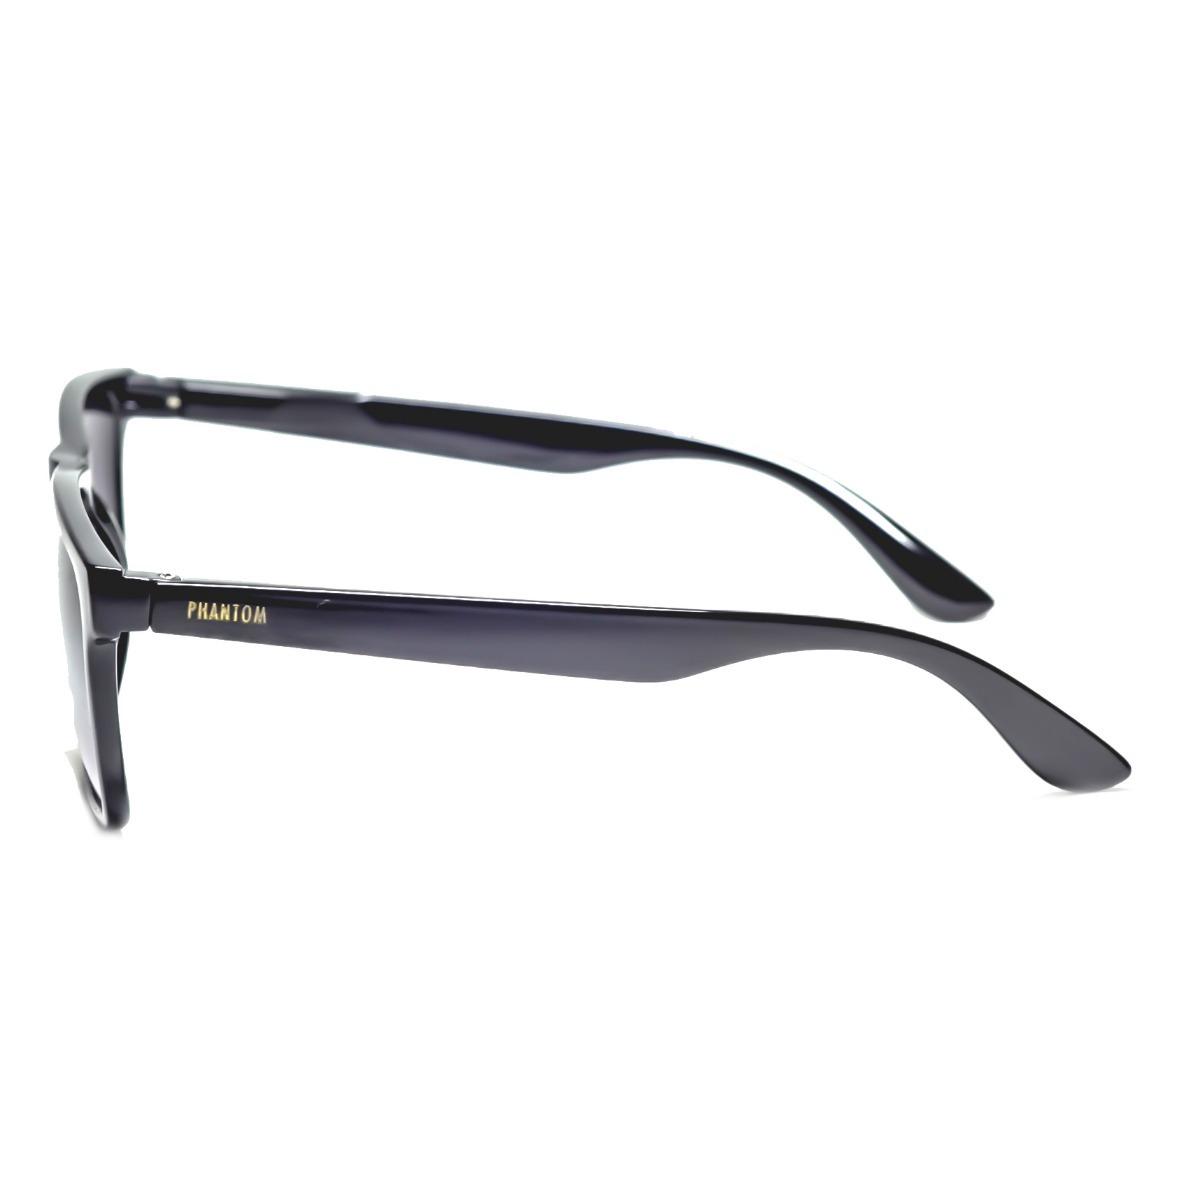 c9ec4e6f6 oculos de sol preto lente degrade uv400 quadrado resistente. Carregando zoom .